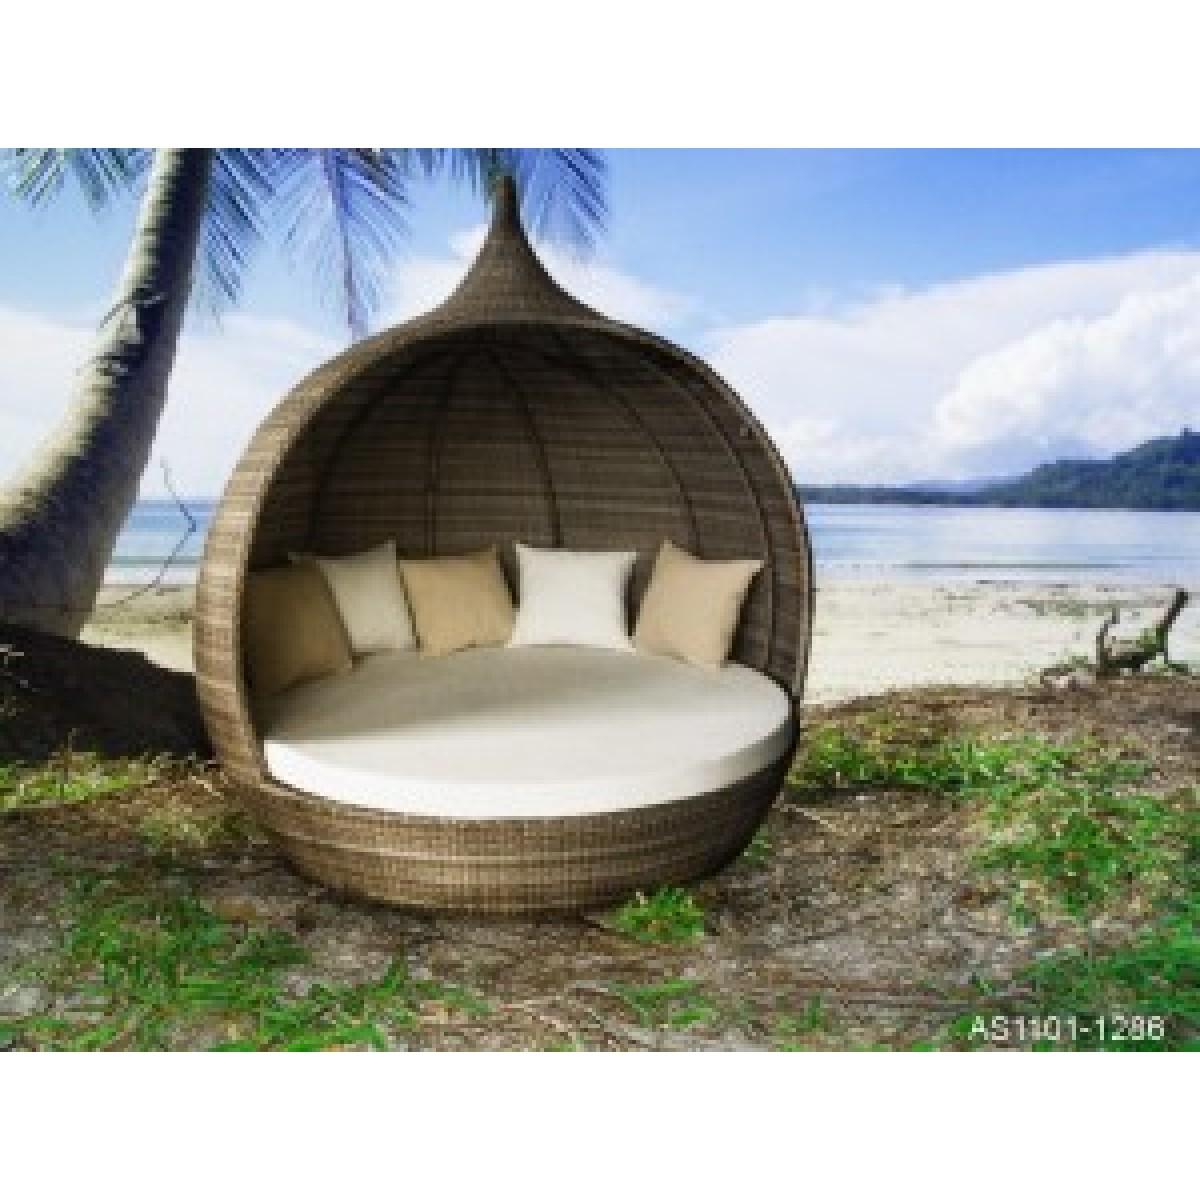 Full Size of Bali Bett Outdoor Welcome To Artselect Shoppurchase Online Furniture Unique Treca Betten Luxus 90x200 Weiß Platzsparend Trends Mit Schubladen Ikea 160x200 Wohnzimmer Bali Bett Outdoor